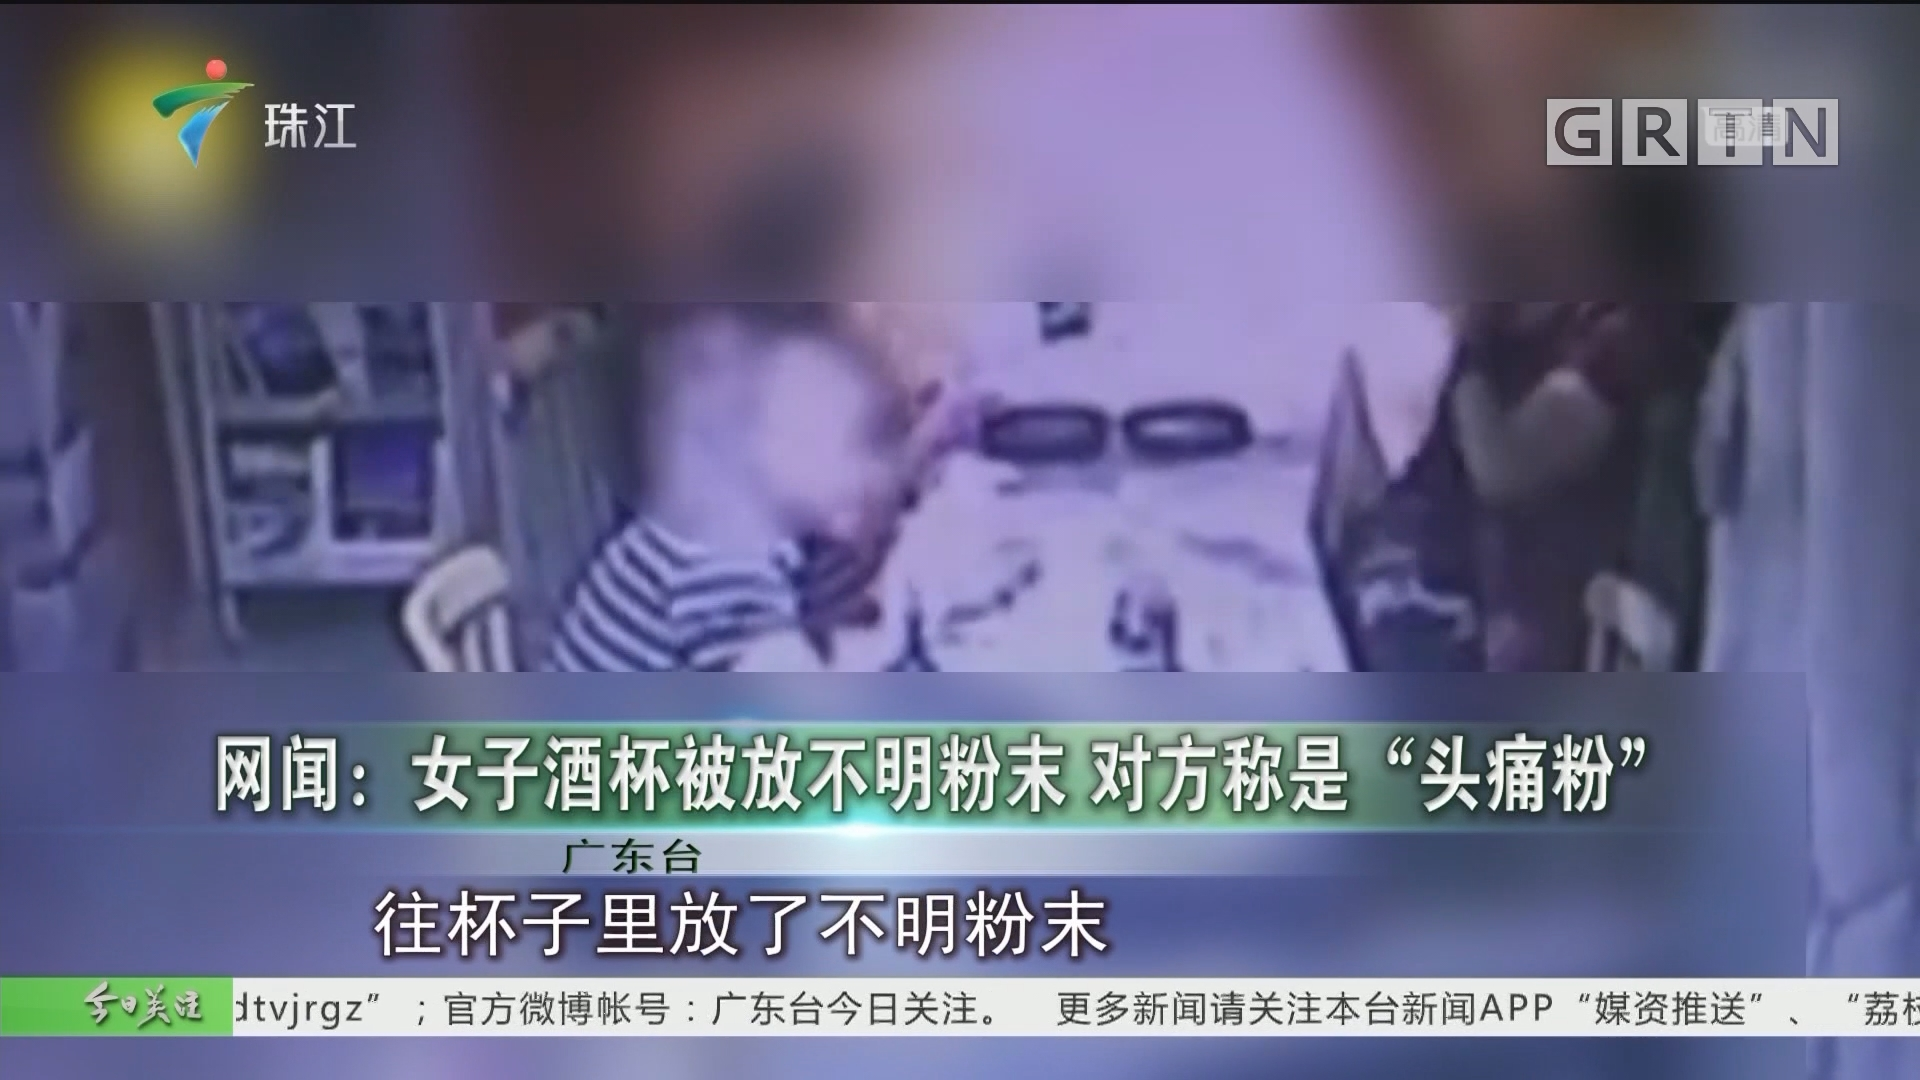 """网闻:女子酒杯被放不明粉末 对方称是""""头痛粉"""""""